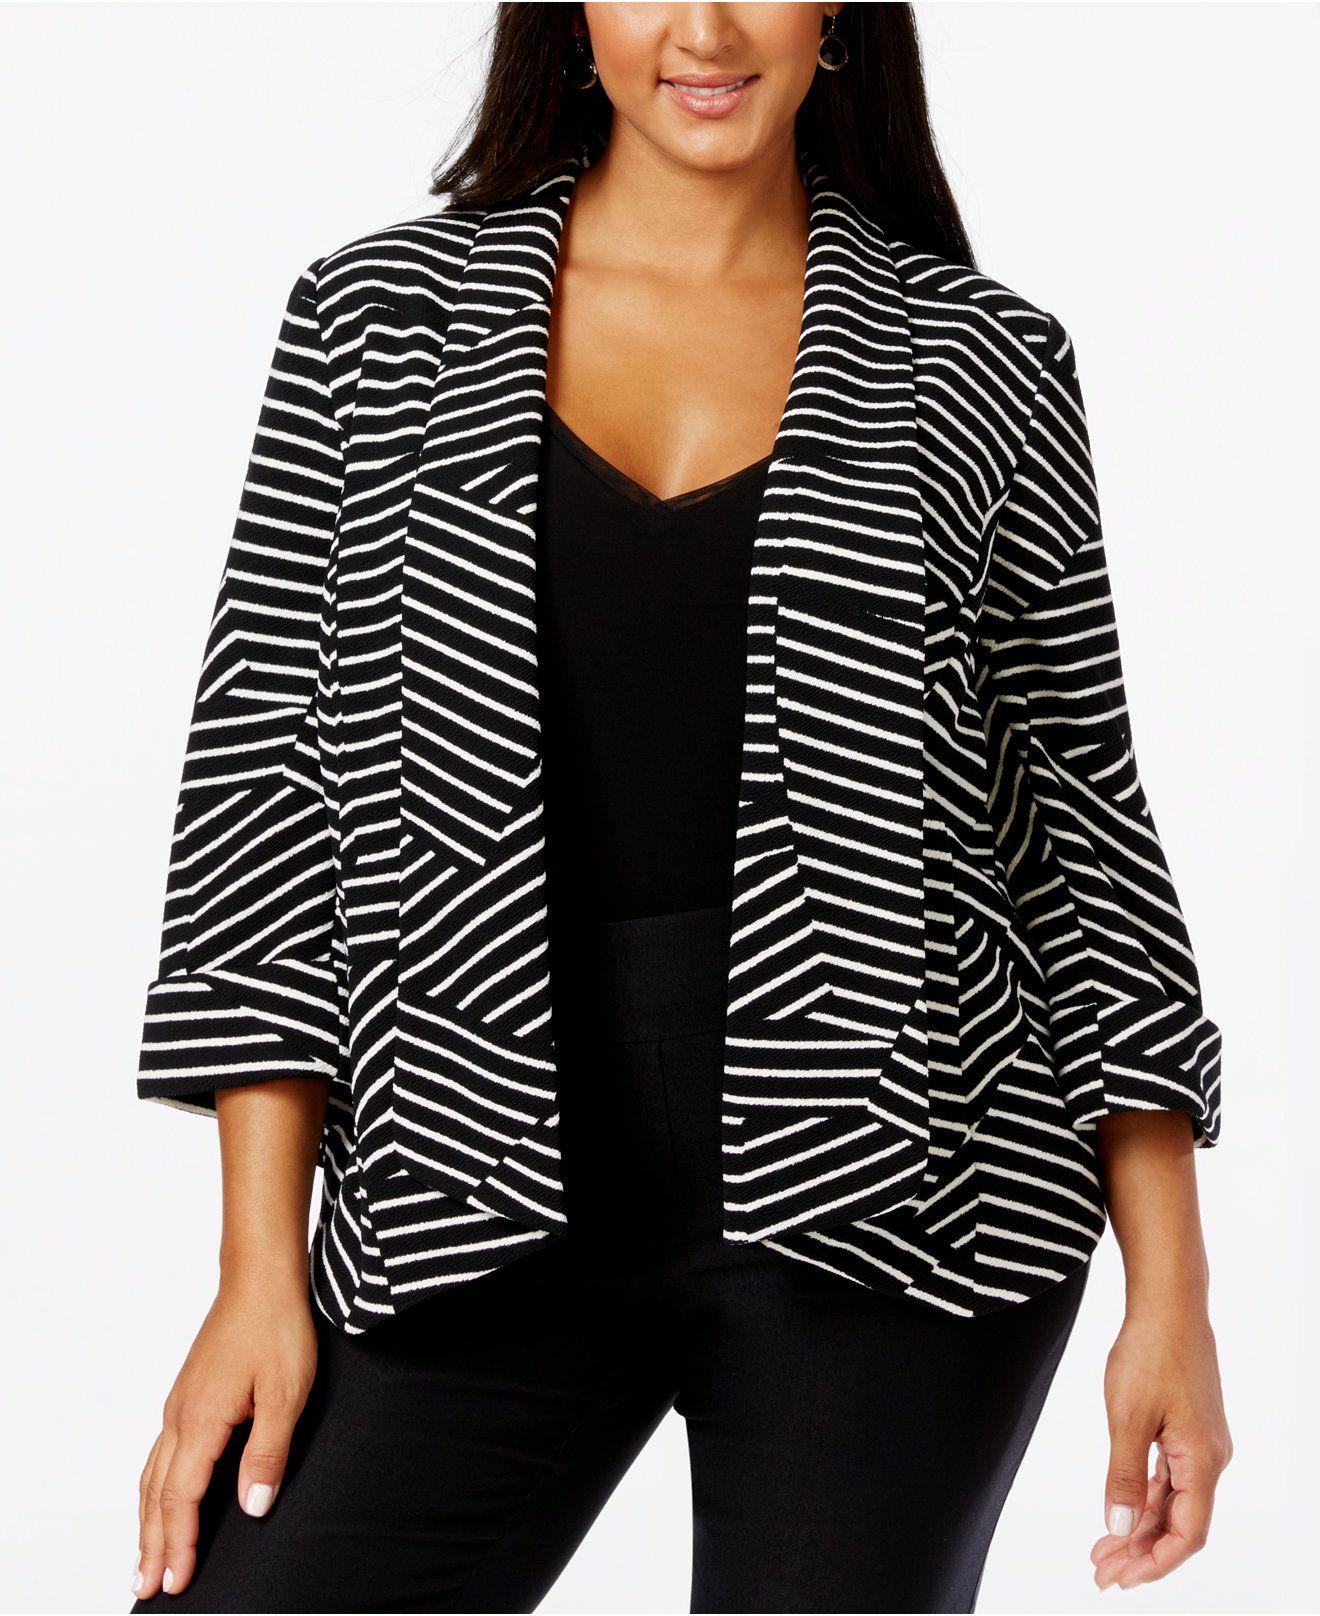 Kasper Plus Size Open-Front Printed Jacket - Jackets & Blazers - Plus Sizes - Macy's